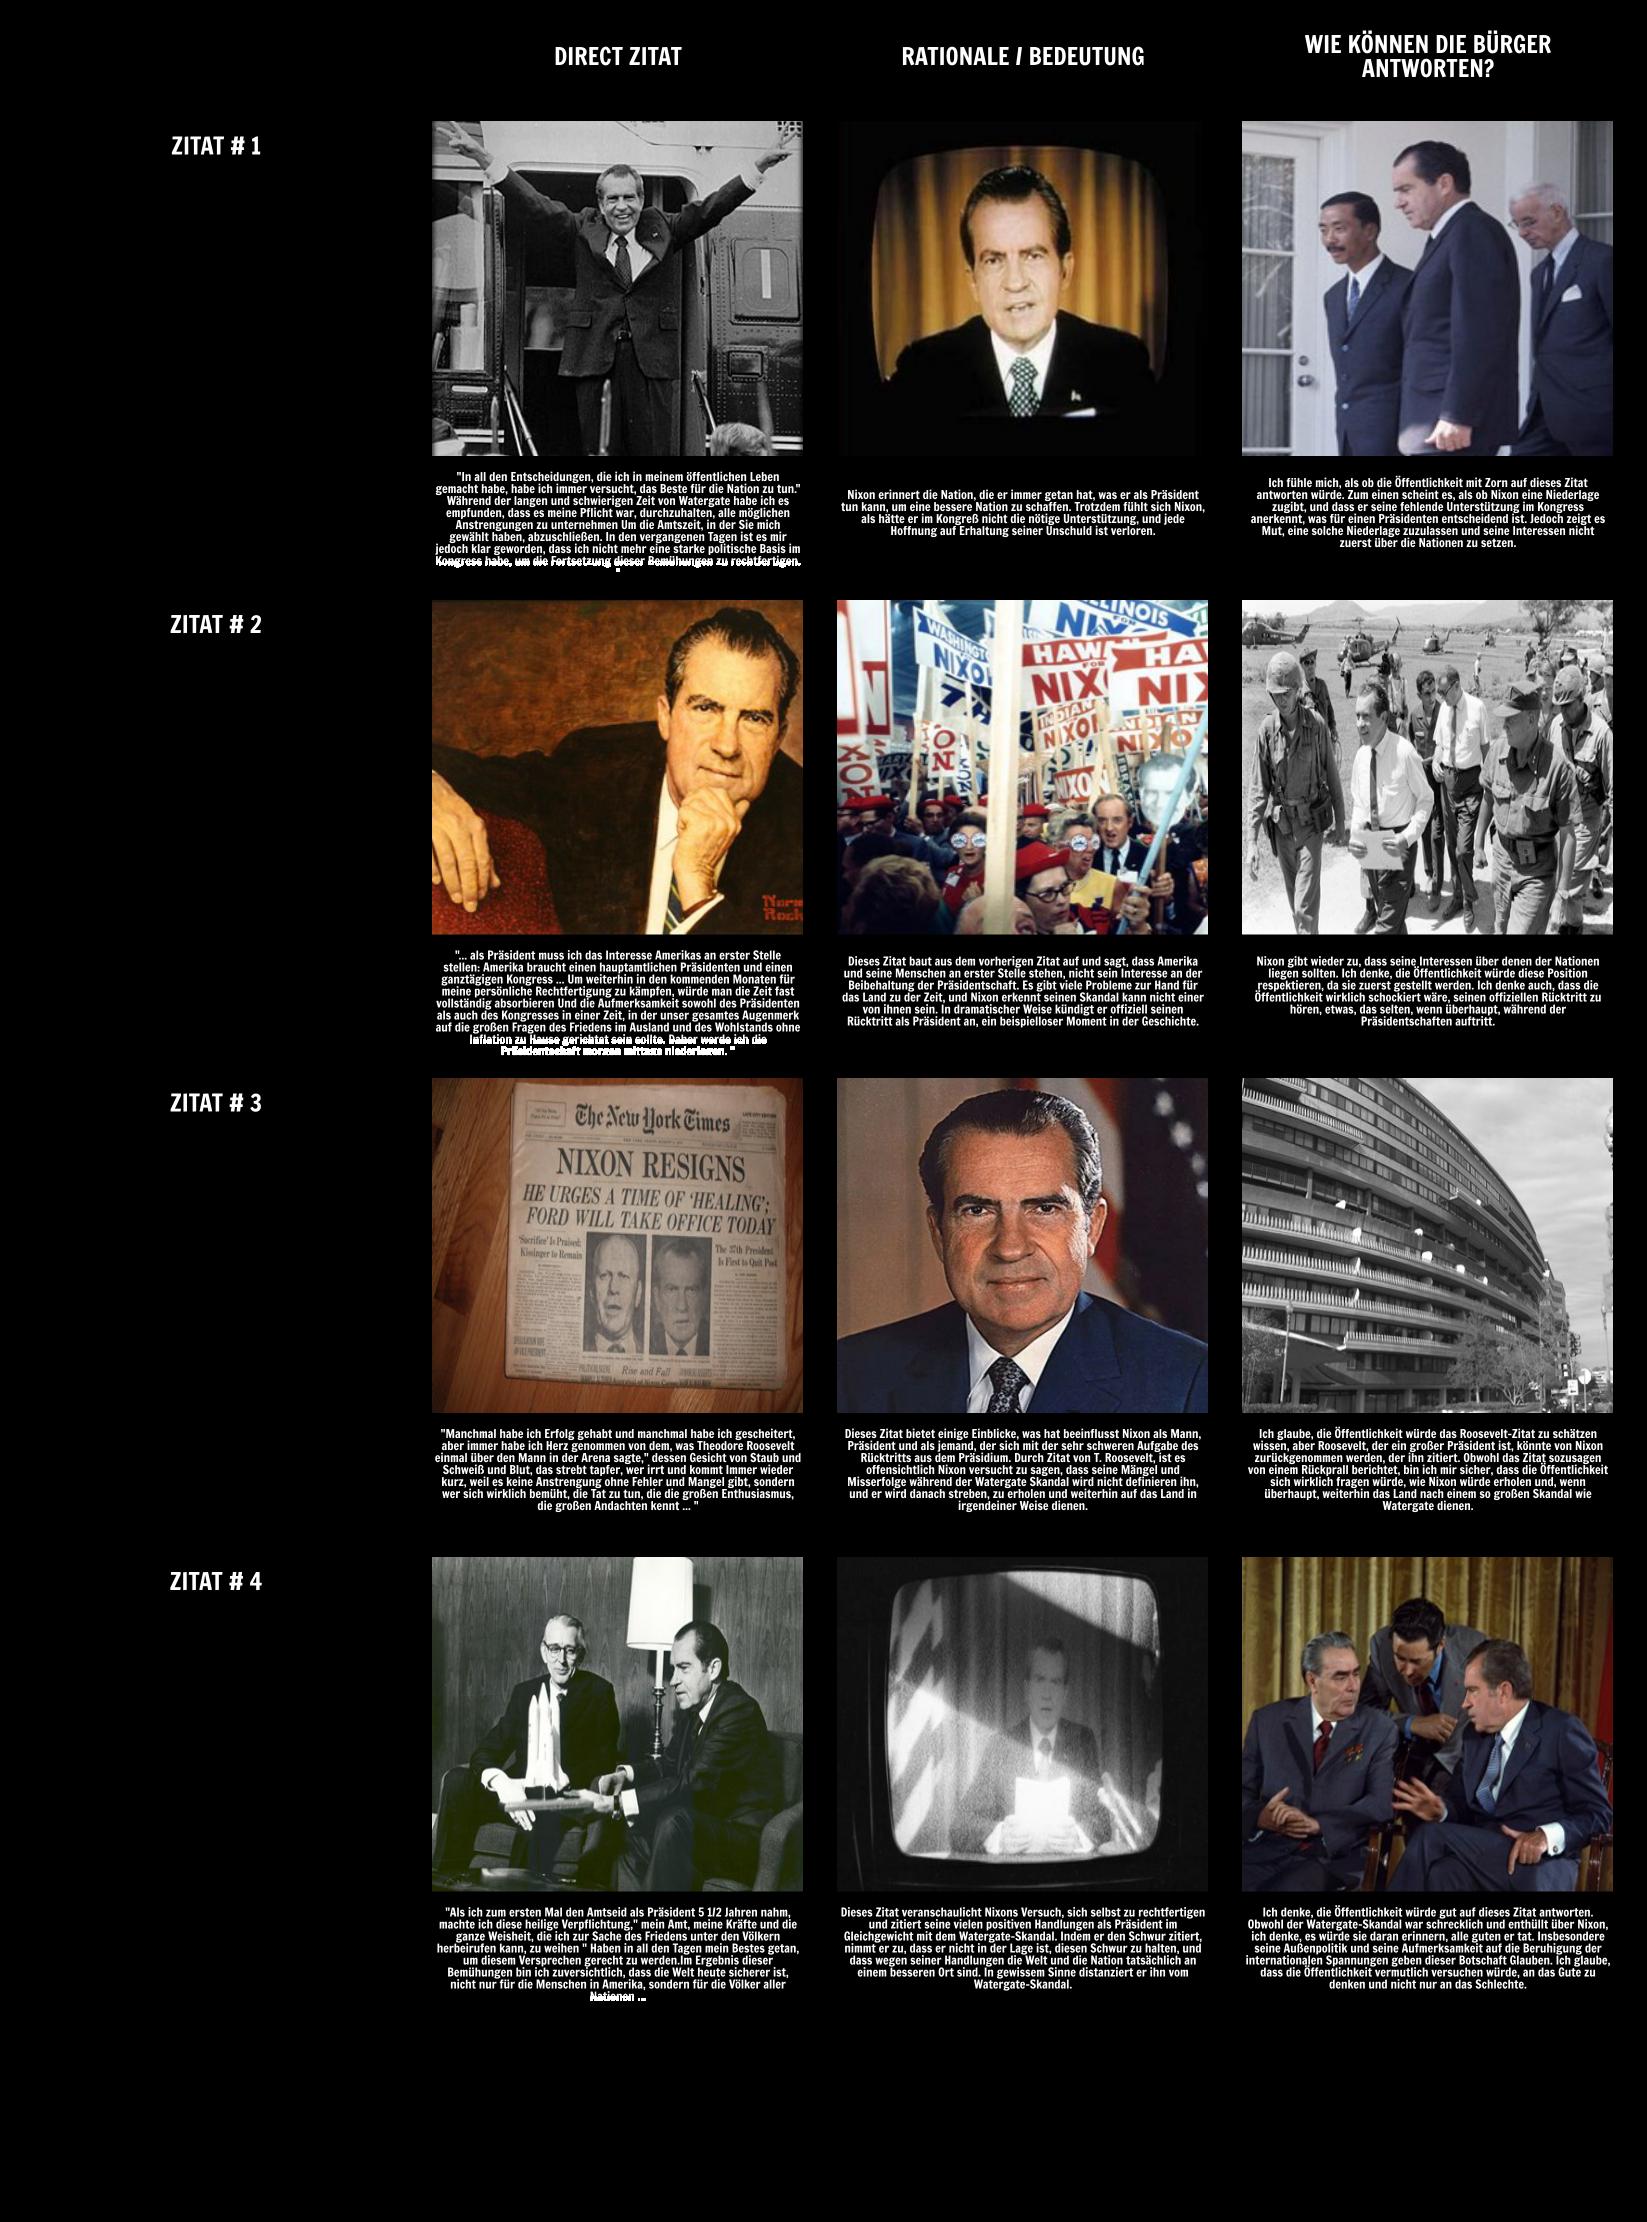 Die Präsidentschaft von Richard Nixon - Nixon Resignation Rede von 1974